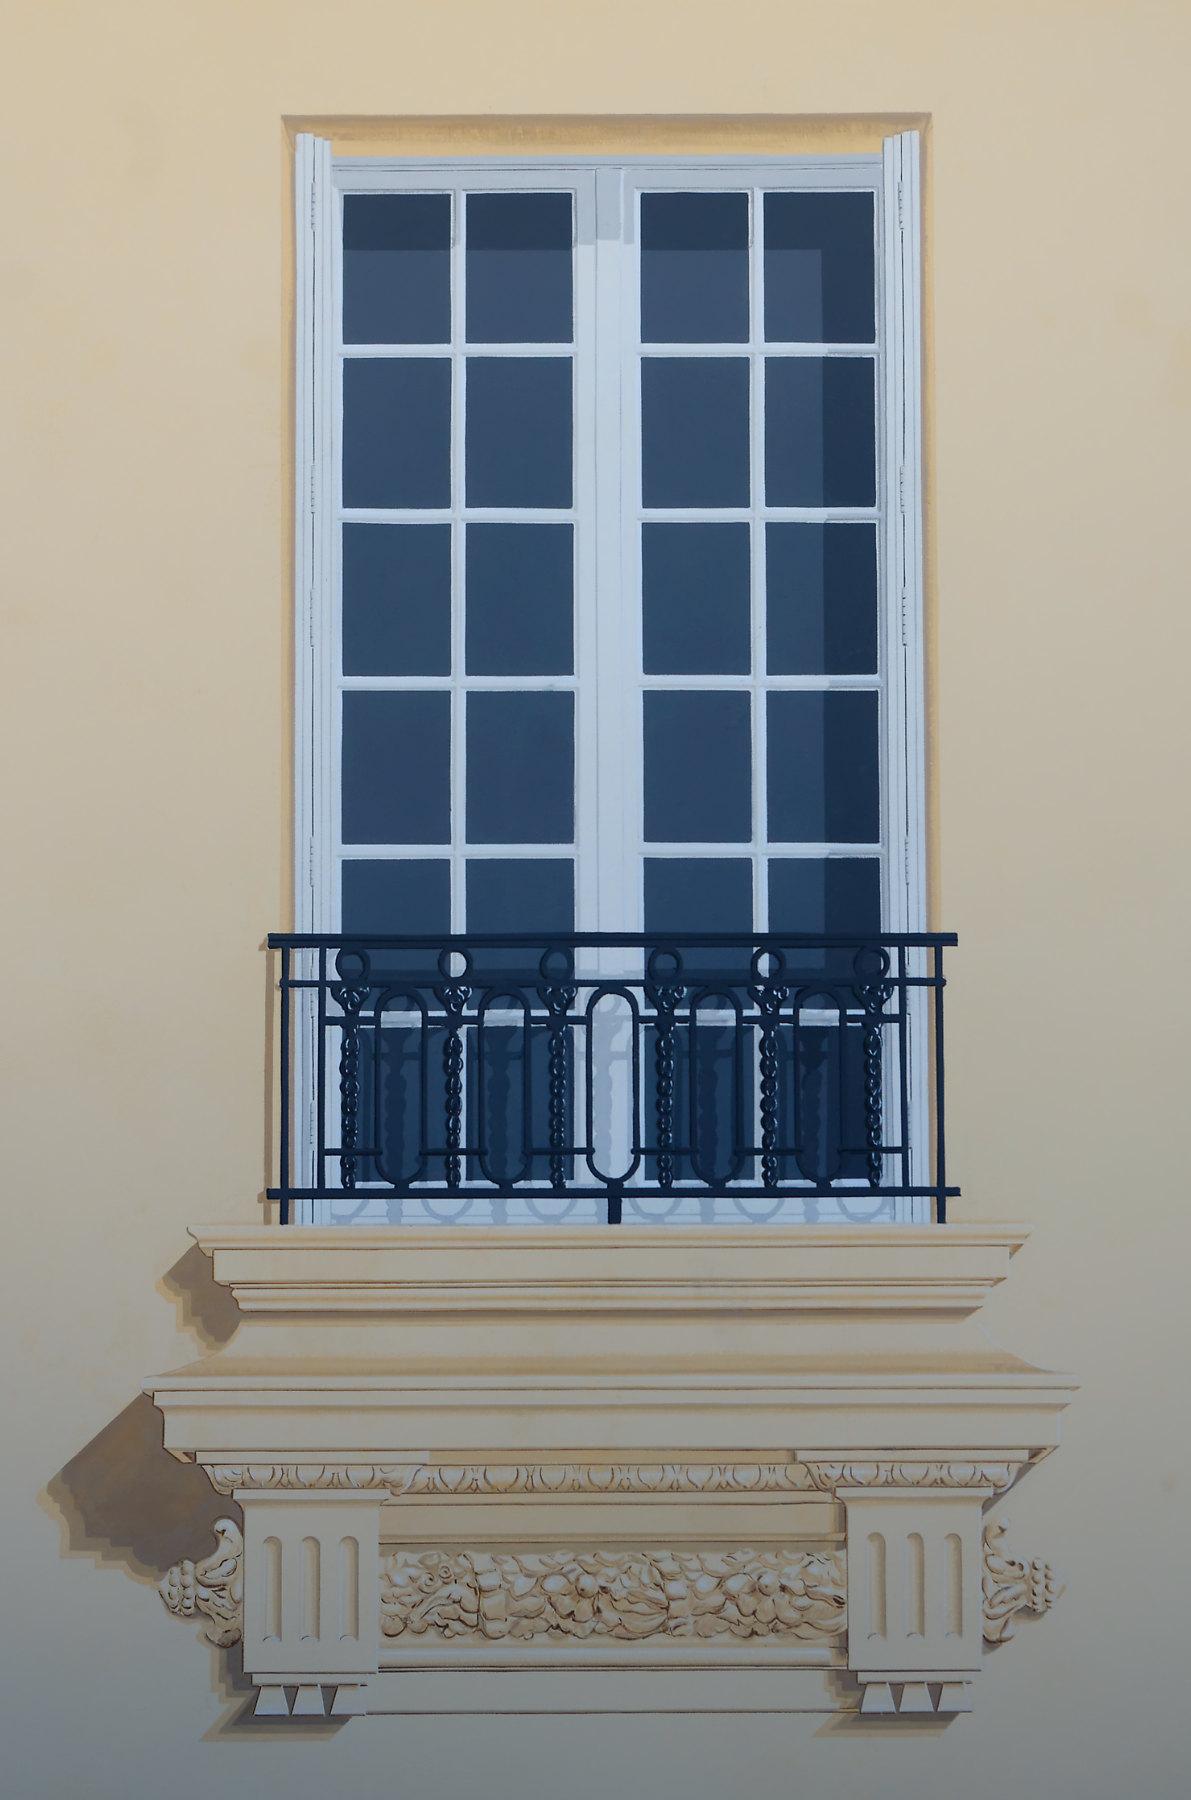 Fausse fenêtre Parc Impérial